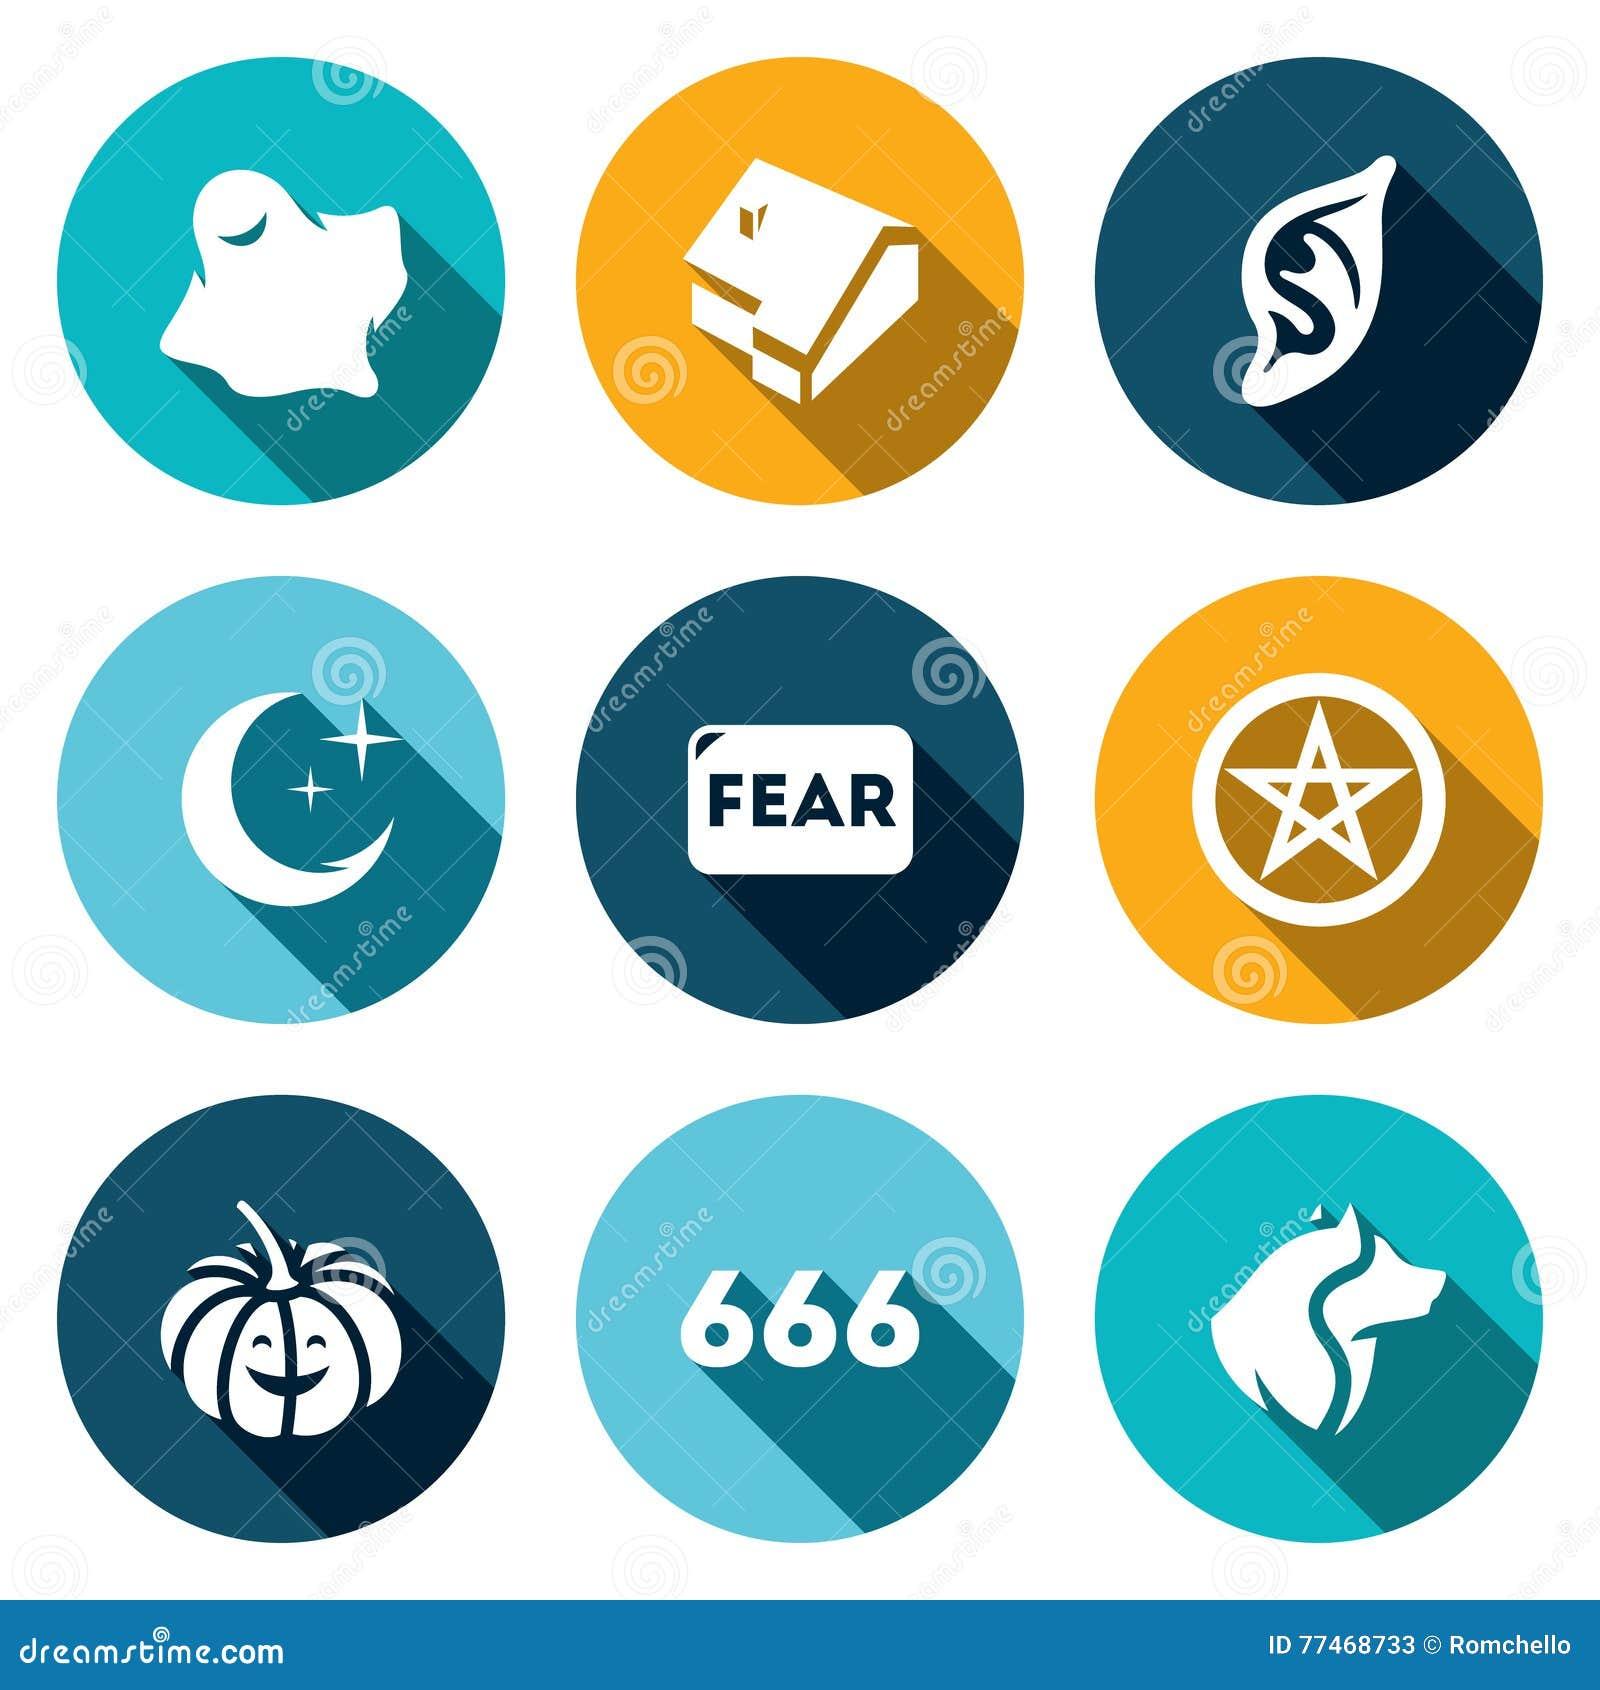 Grupo do vetor de ícones do medo Ghost, casa, vampiro, noite, diabo, Dia das Bruxas, estrela, homem-lobo